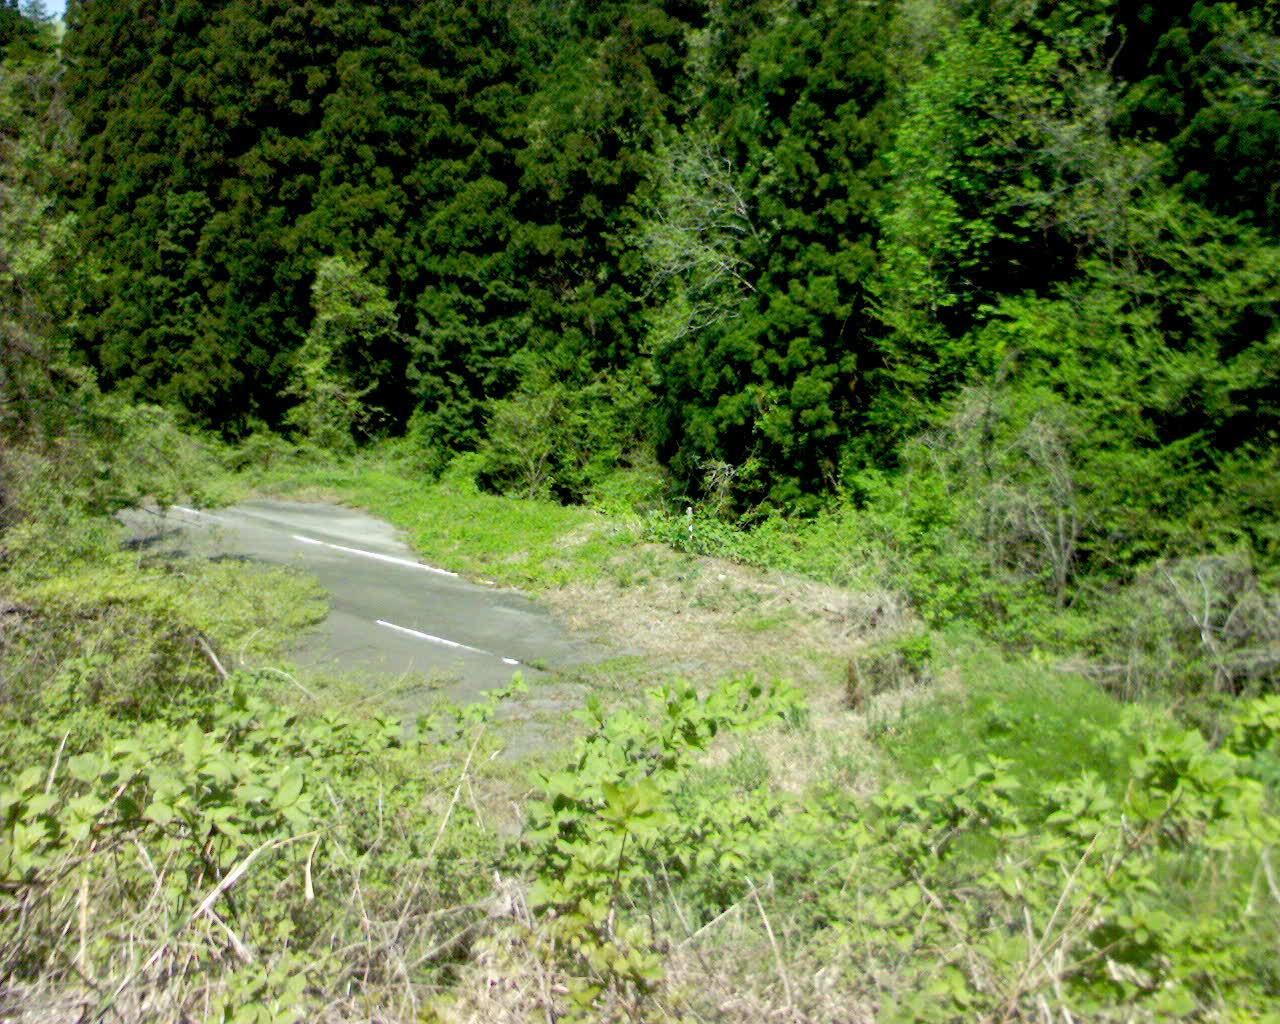 Une route abandonnée envahie par la végétation